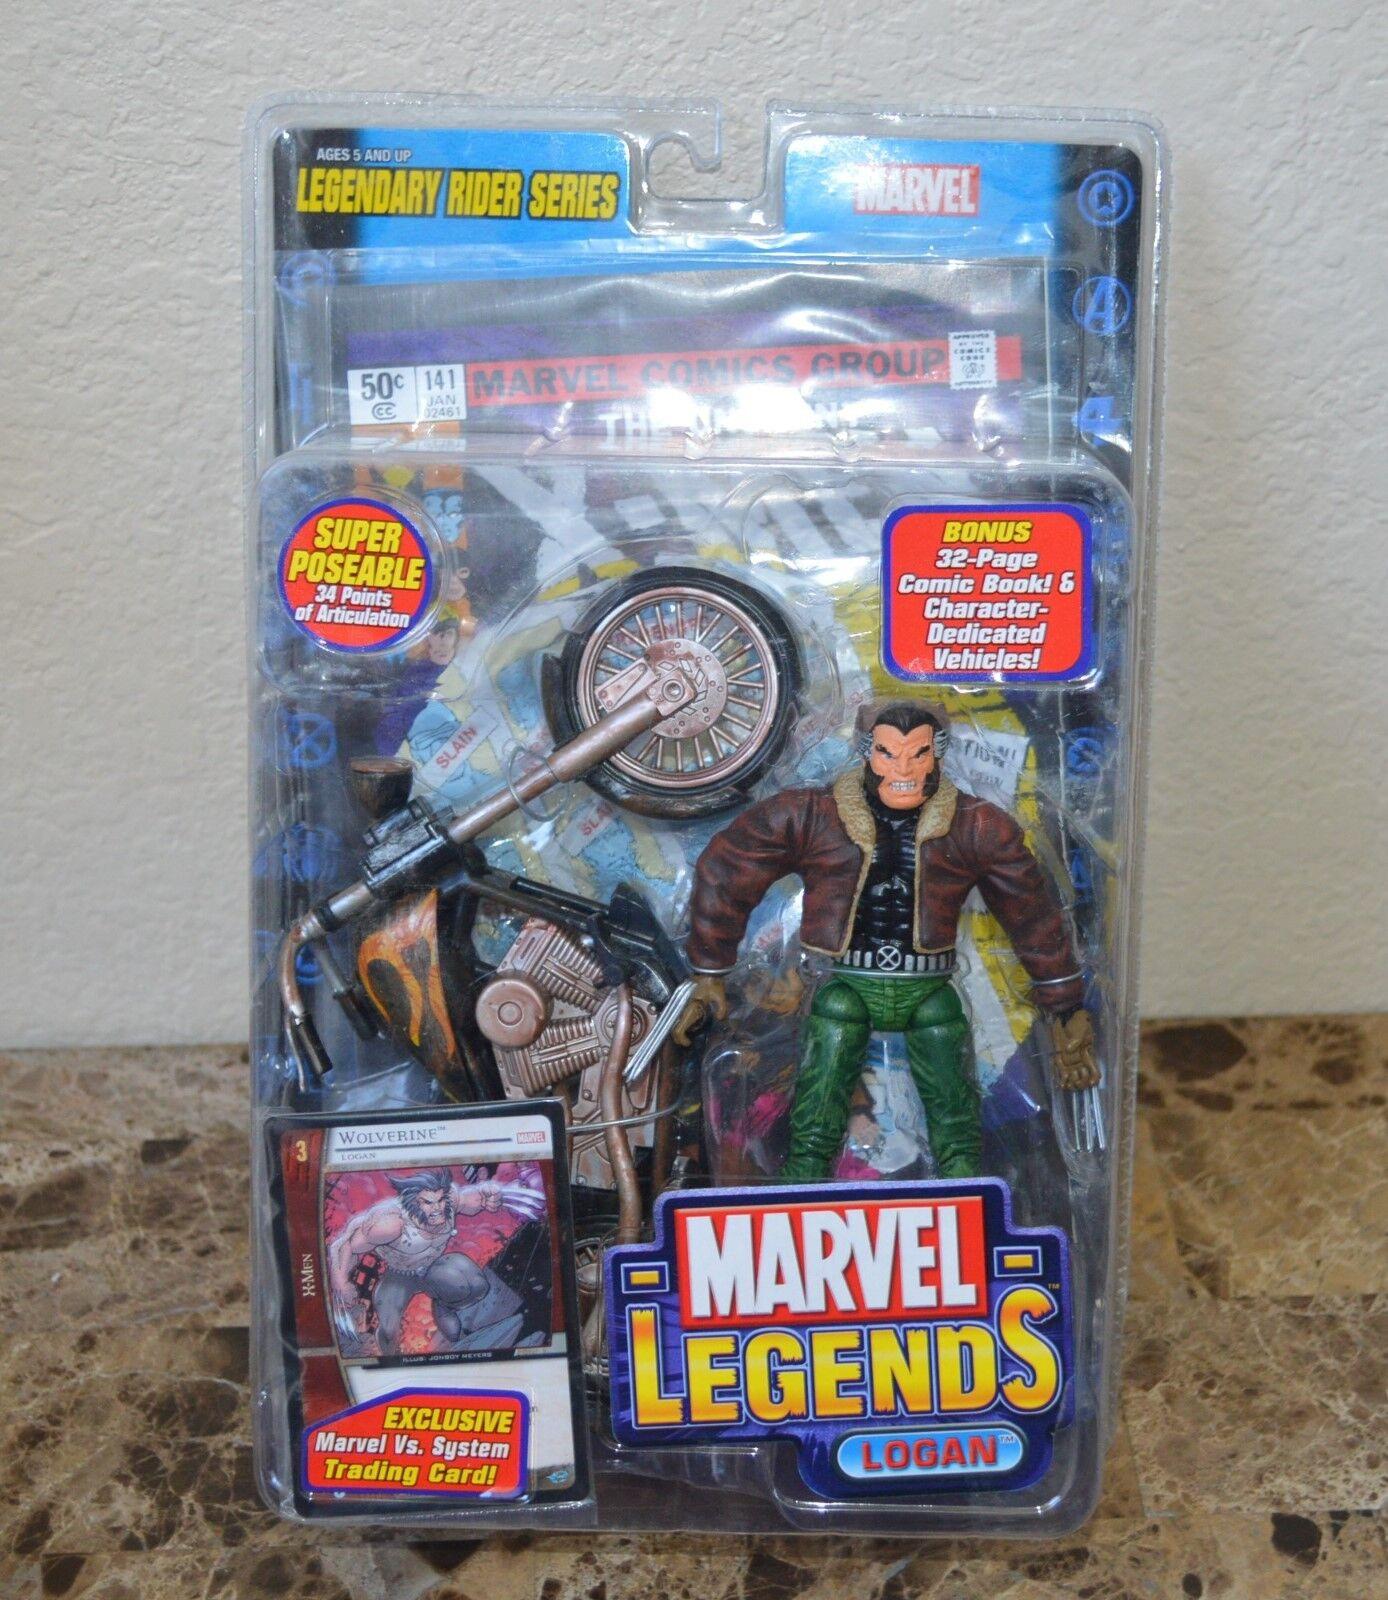 Marvel Leggende Logan Leggendario Rider Serie Action Figure Toybiz 2005